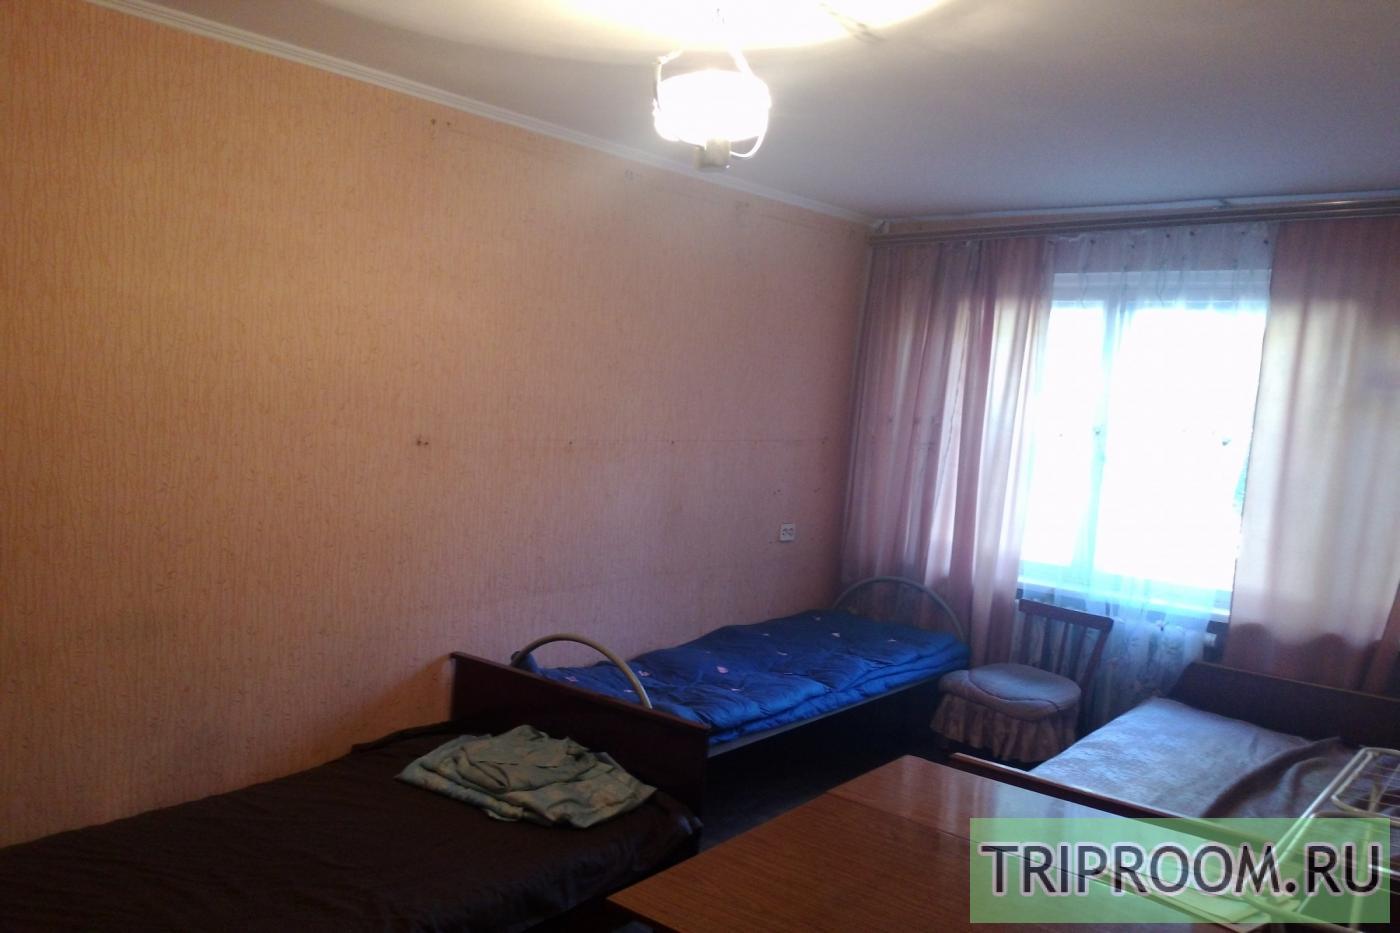 3-комнатная квартира посуточно (вариант № 19988), ул. Победы проспект, фото № 3